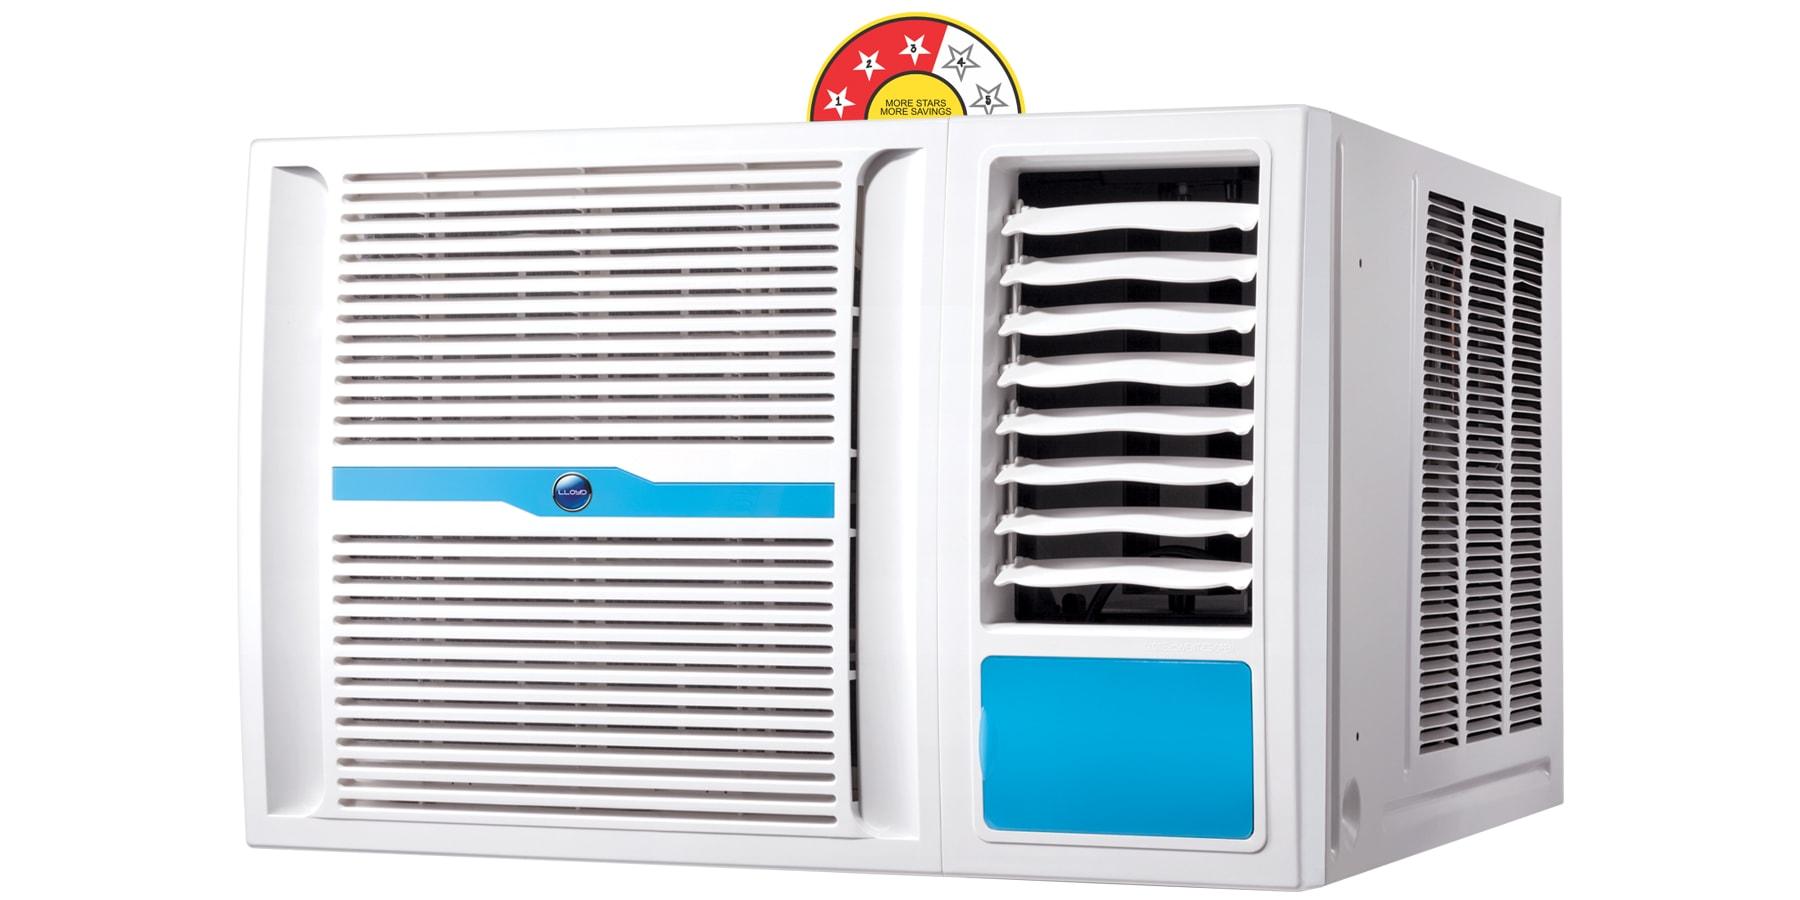 Buy Lloyd 1 Ton Window Air Conditioner Online - LW12A3F9